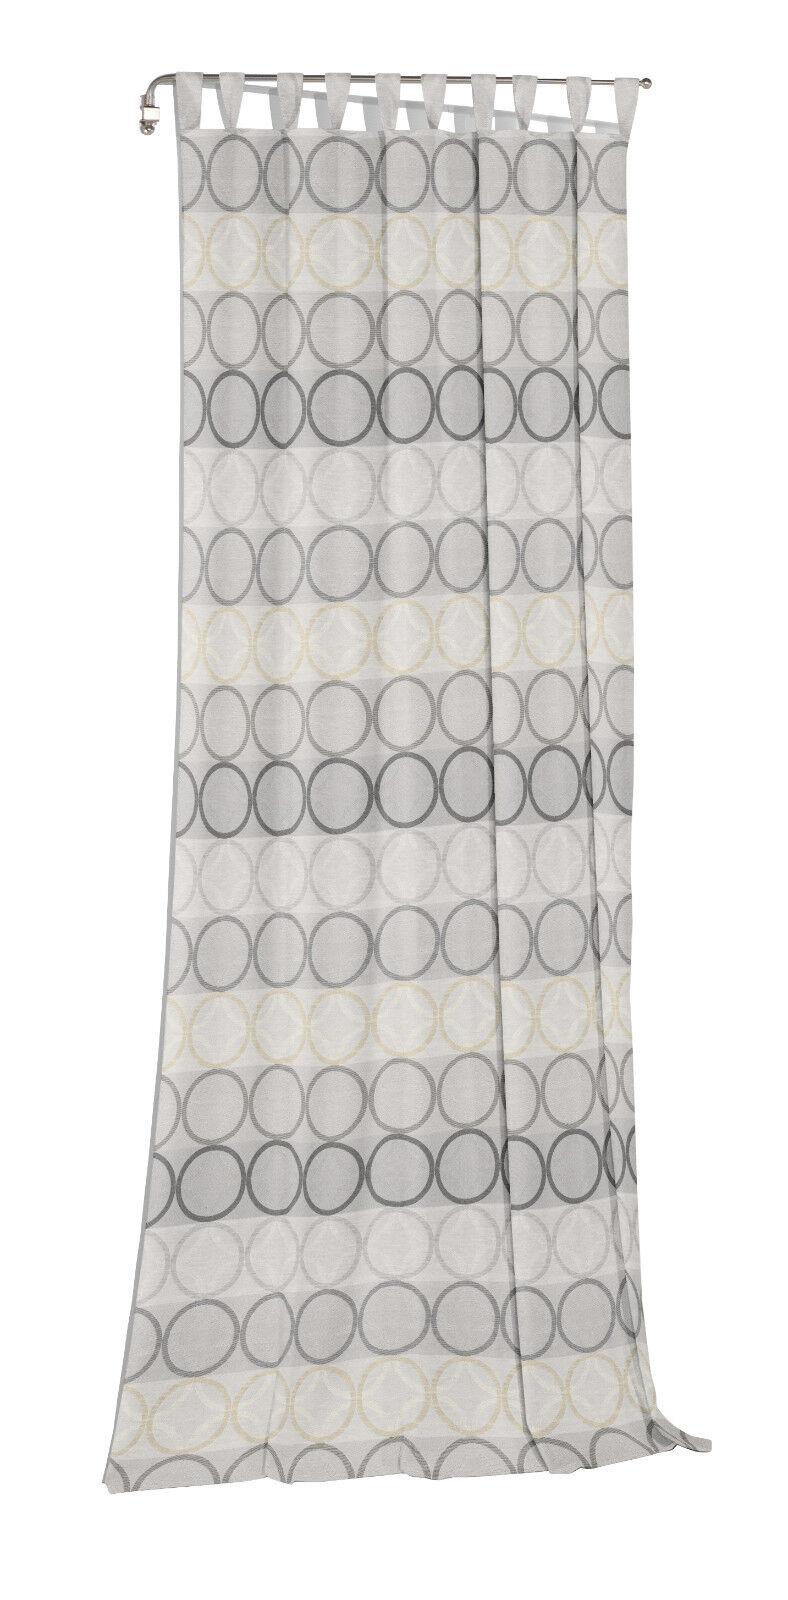 Jacquard Fertigvorhang   Schlaufenschal Zirbello Farbe 92 hellgrau   5 Größen | Schön und charmant  | Praktisch Und Wirtschaftlich  | Smart